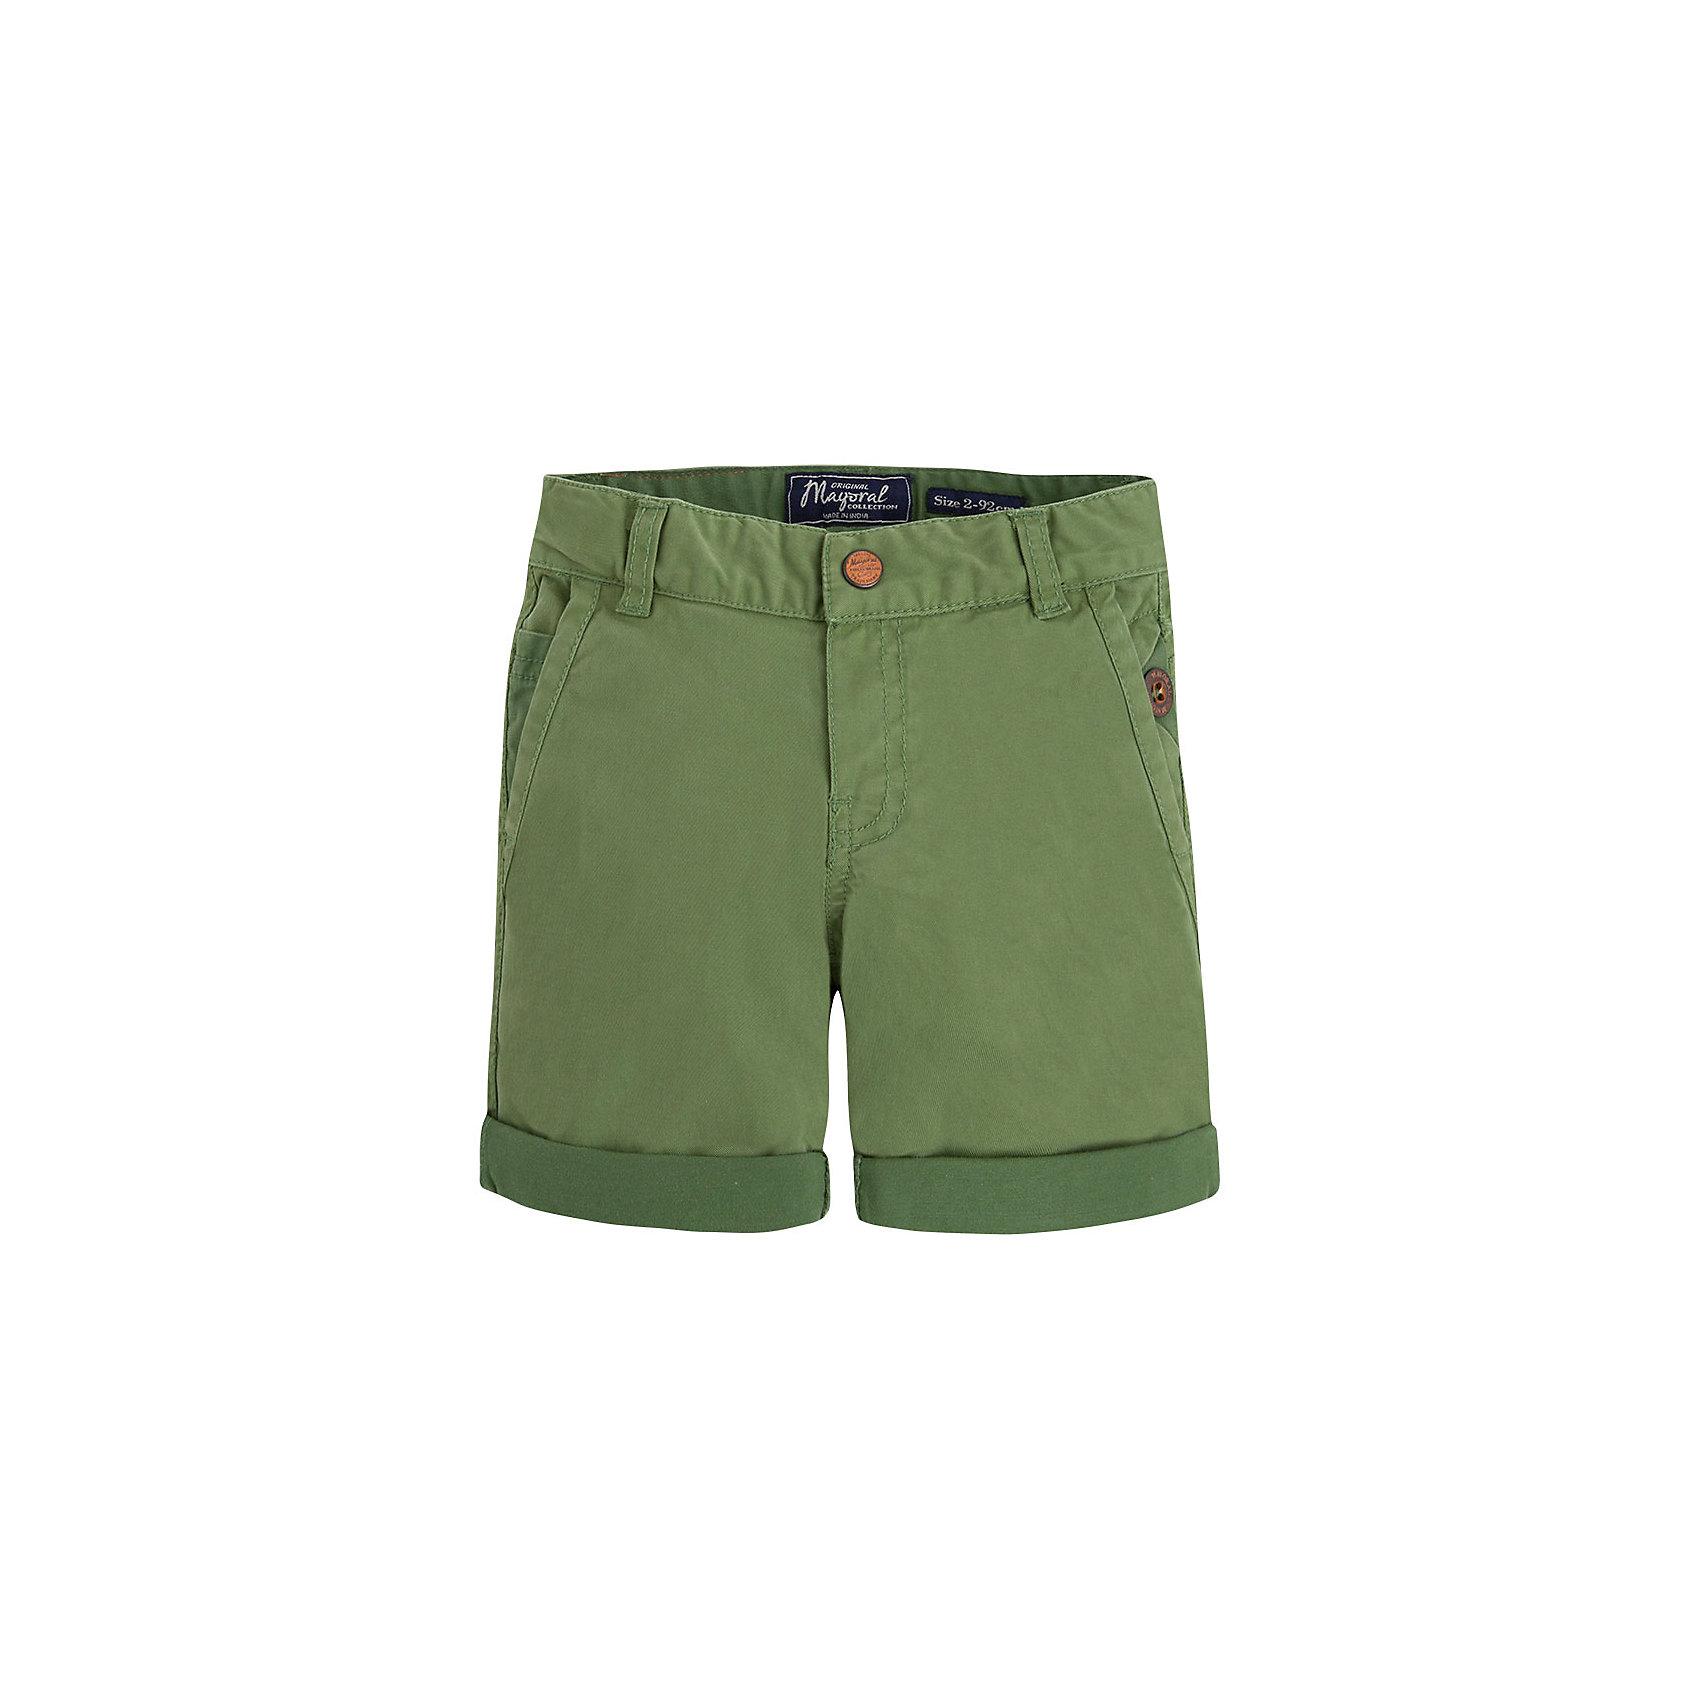 Шорты для мальчика MayoralШорты  для мальчика от известной испанской марки Mayoral - прекрасный вариант для летнего гардероба юного модника. <br><br>Дополнительная информация:<br><br>- Цвет: зеленый.<br>- Прямой крой брючин.<br>- Тип застежки: молния, кнопка. <br>- 4 кармана (2 задних, 2 боковых).<br>- Стильные отвороты.<br>- Регулировка на талии с помощью внутренней резинки.  <br>- Состав: 98% хлопок, 2% эластан.<br><br>Шорты  для мальчика Mayoral (Майорал) можно купить в нашем магазине.<br><br>Ширина мм: 191<br>Глубина мм: 10<br>Высота мм: 175<br>Вес г: 273<br>Цвет: зеленый<br>Возраст от месяцев: 72<br>Возраст до месяцев: 84<br>Пол: Мужской<br>Возраст: Детский<br>Размер: 122,98,116,128,134,104,110<br>SKU: 4541888